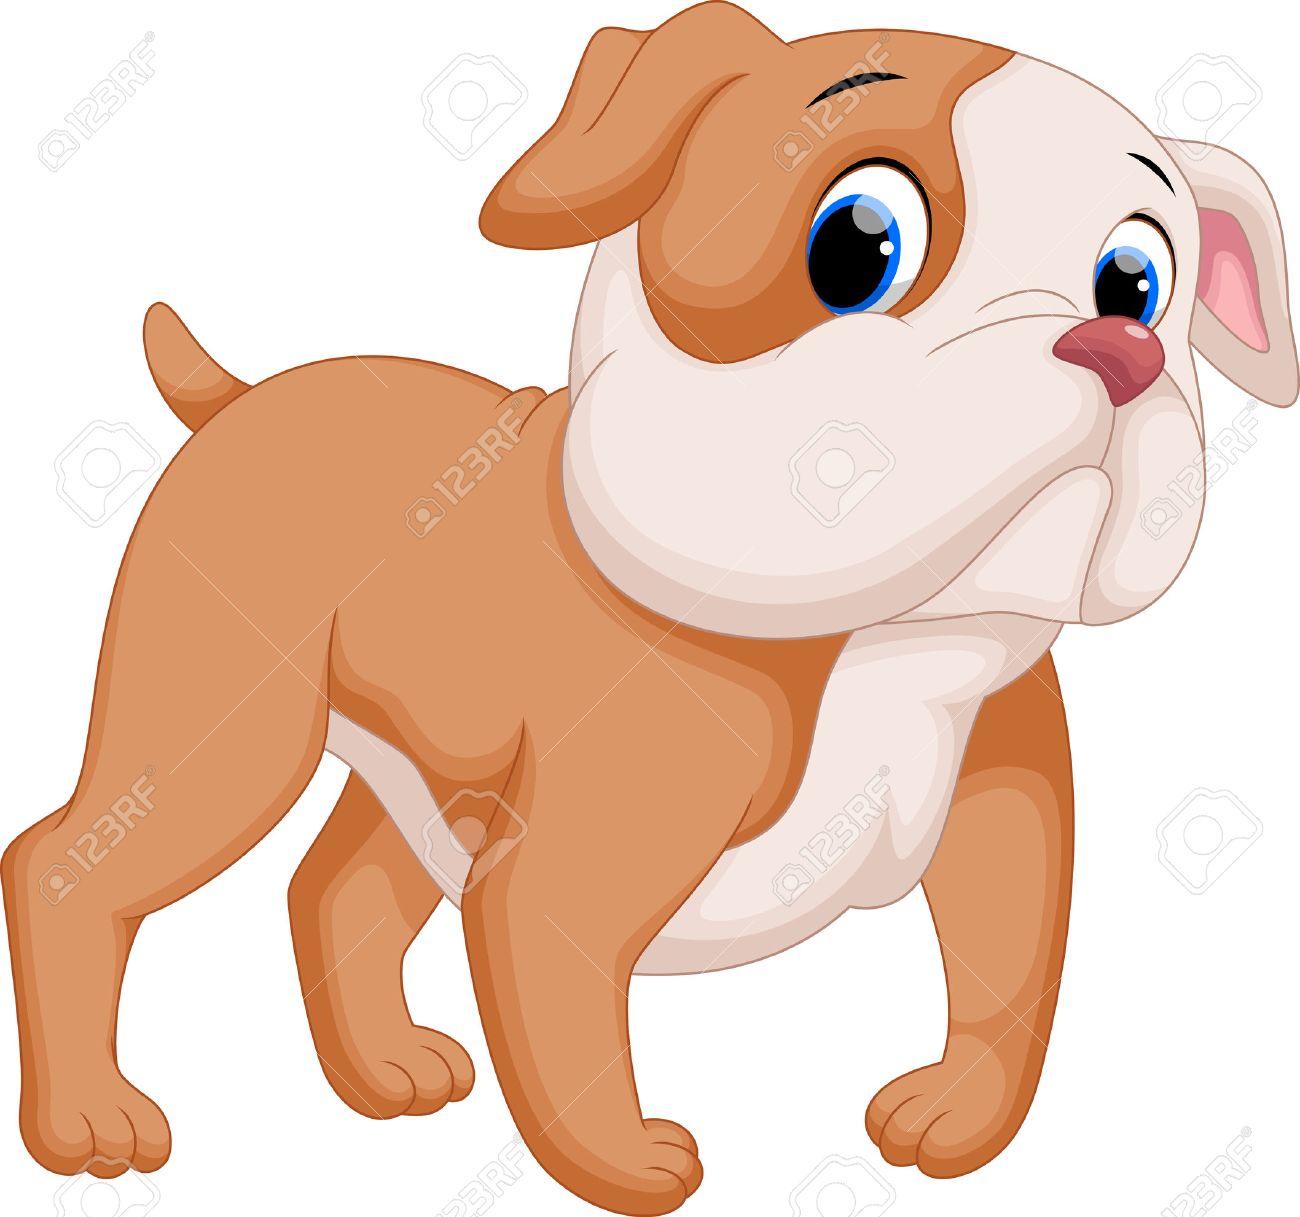 Cute baby pit bull cartoon - 44627974